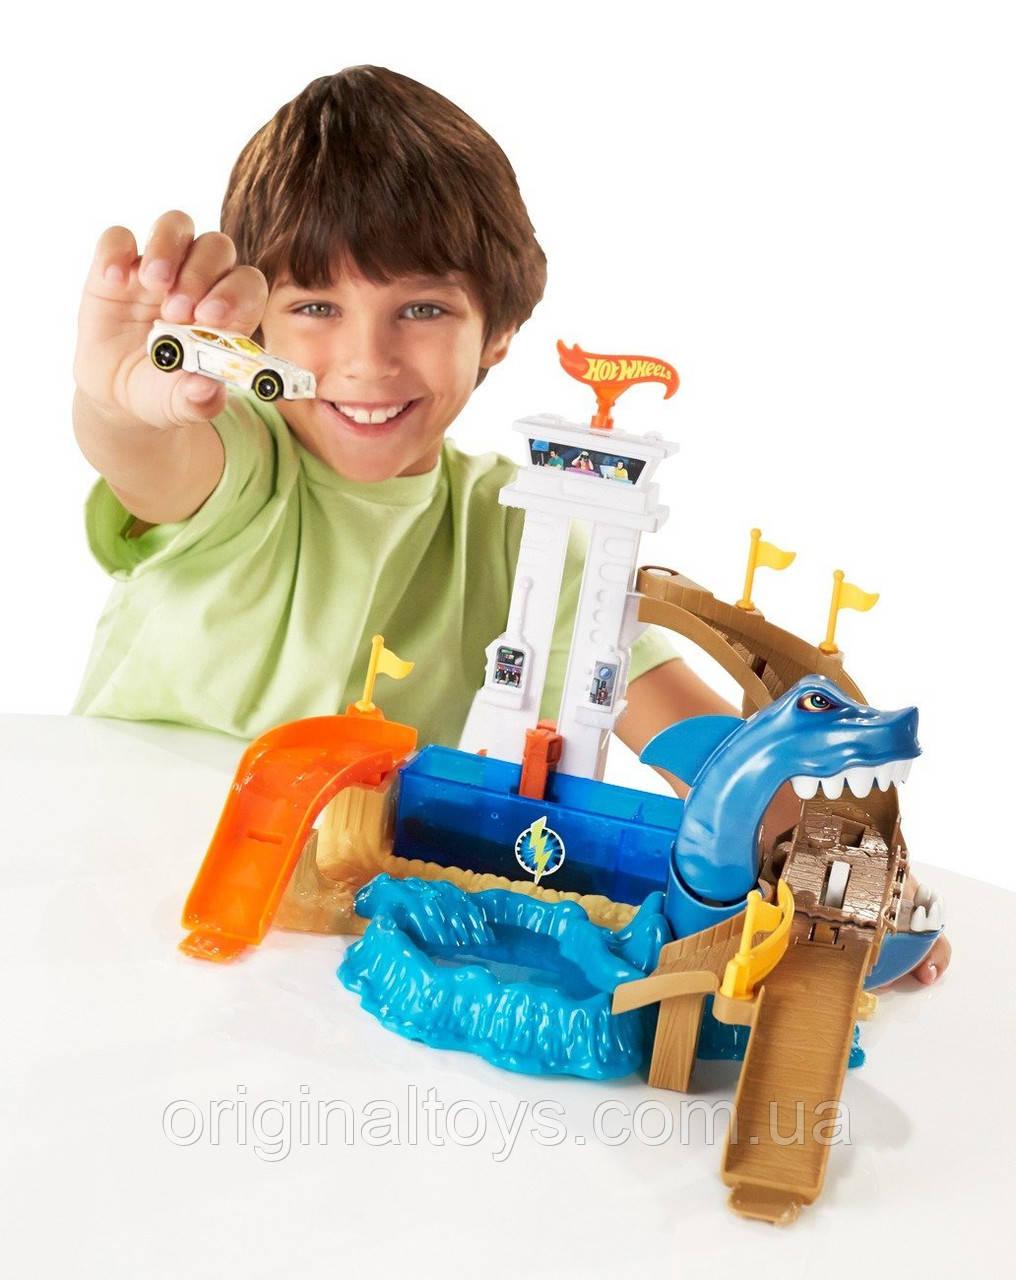 Трек Hot Wheels Охота (атака) на акулу Mattel